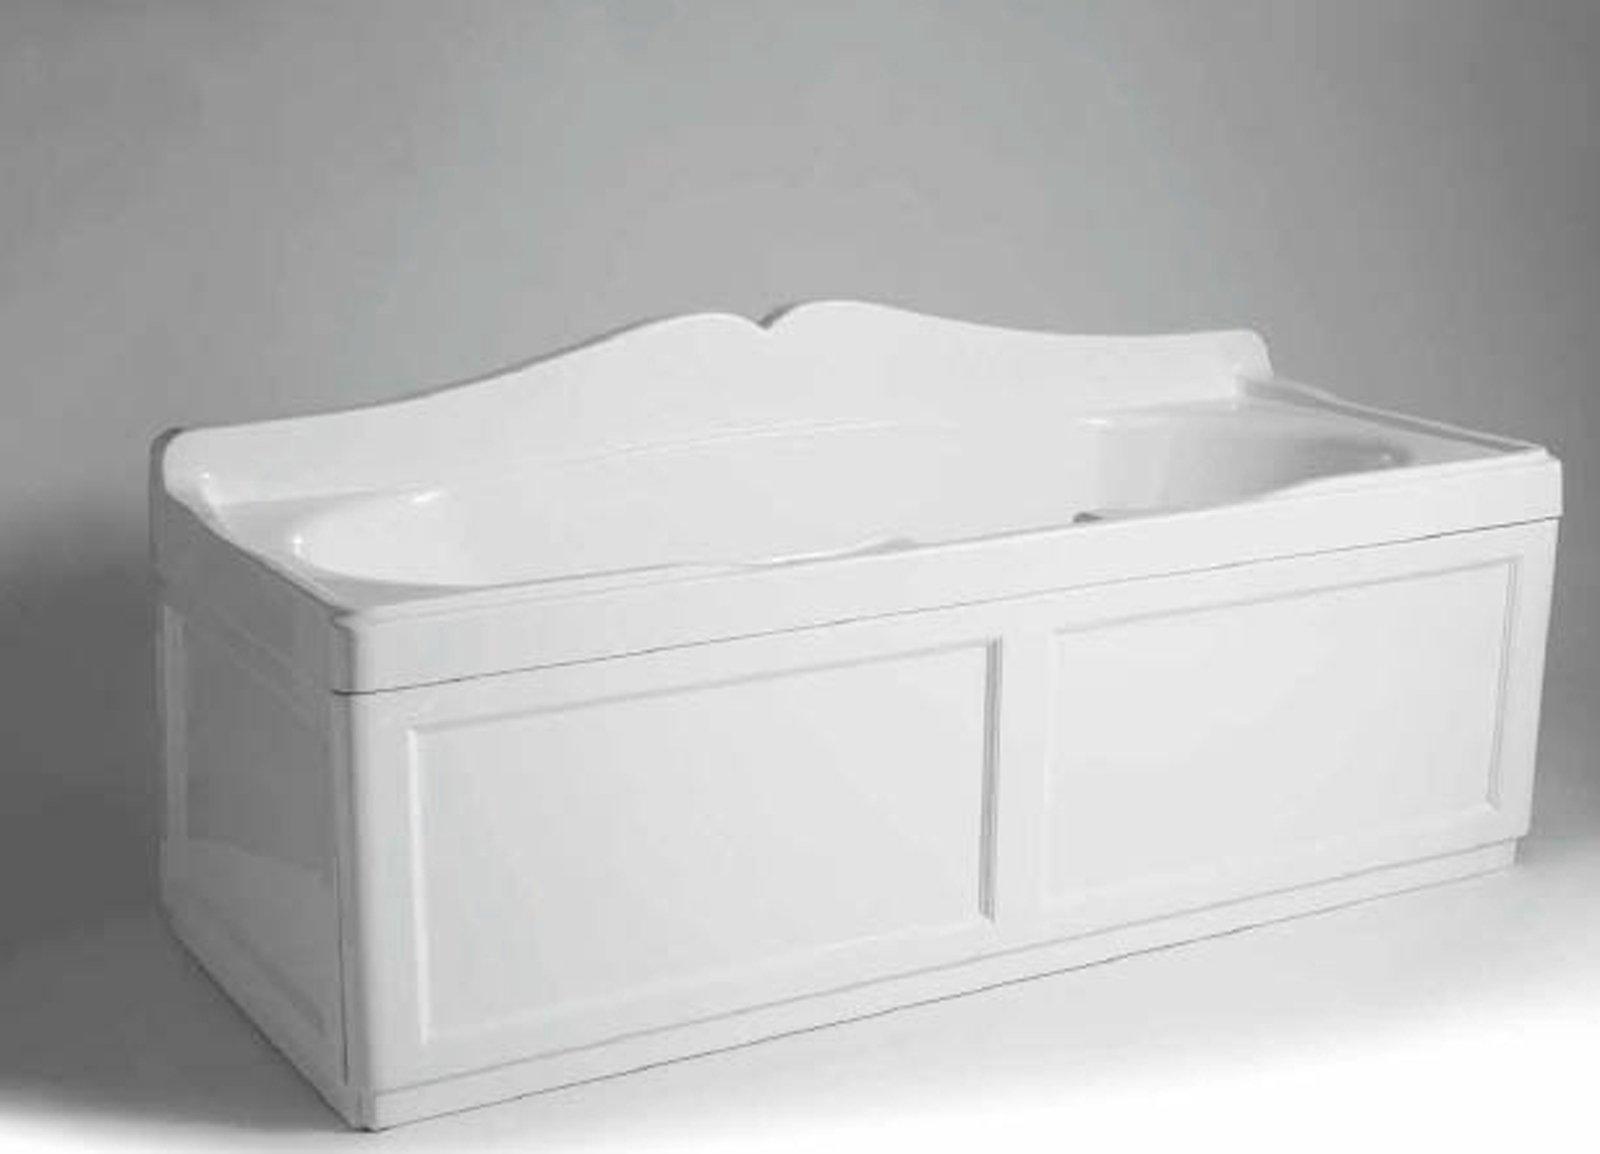 Vasca Da Bagno 130 70 : La vasca per valorizzare il bagno cose di casa